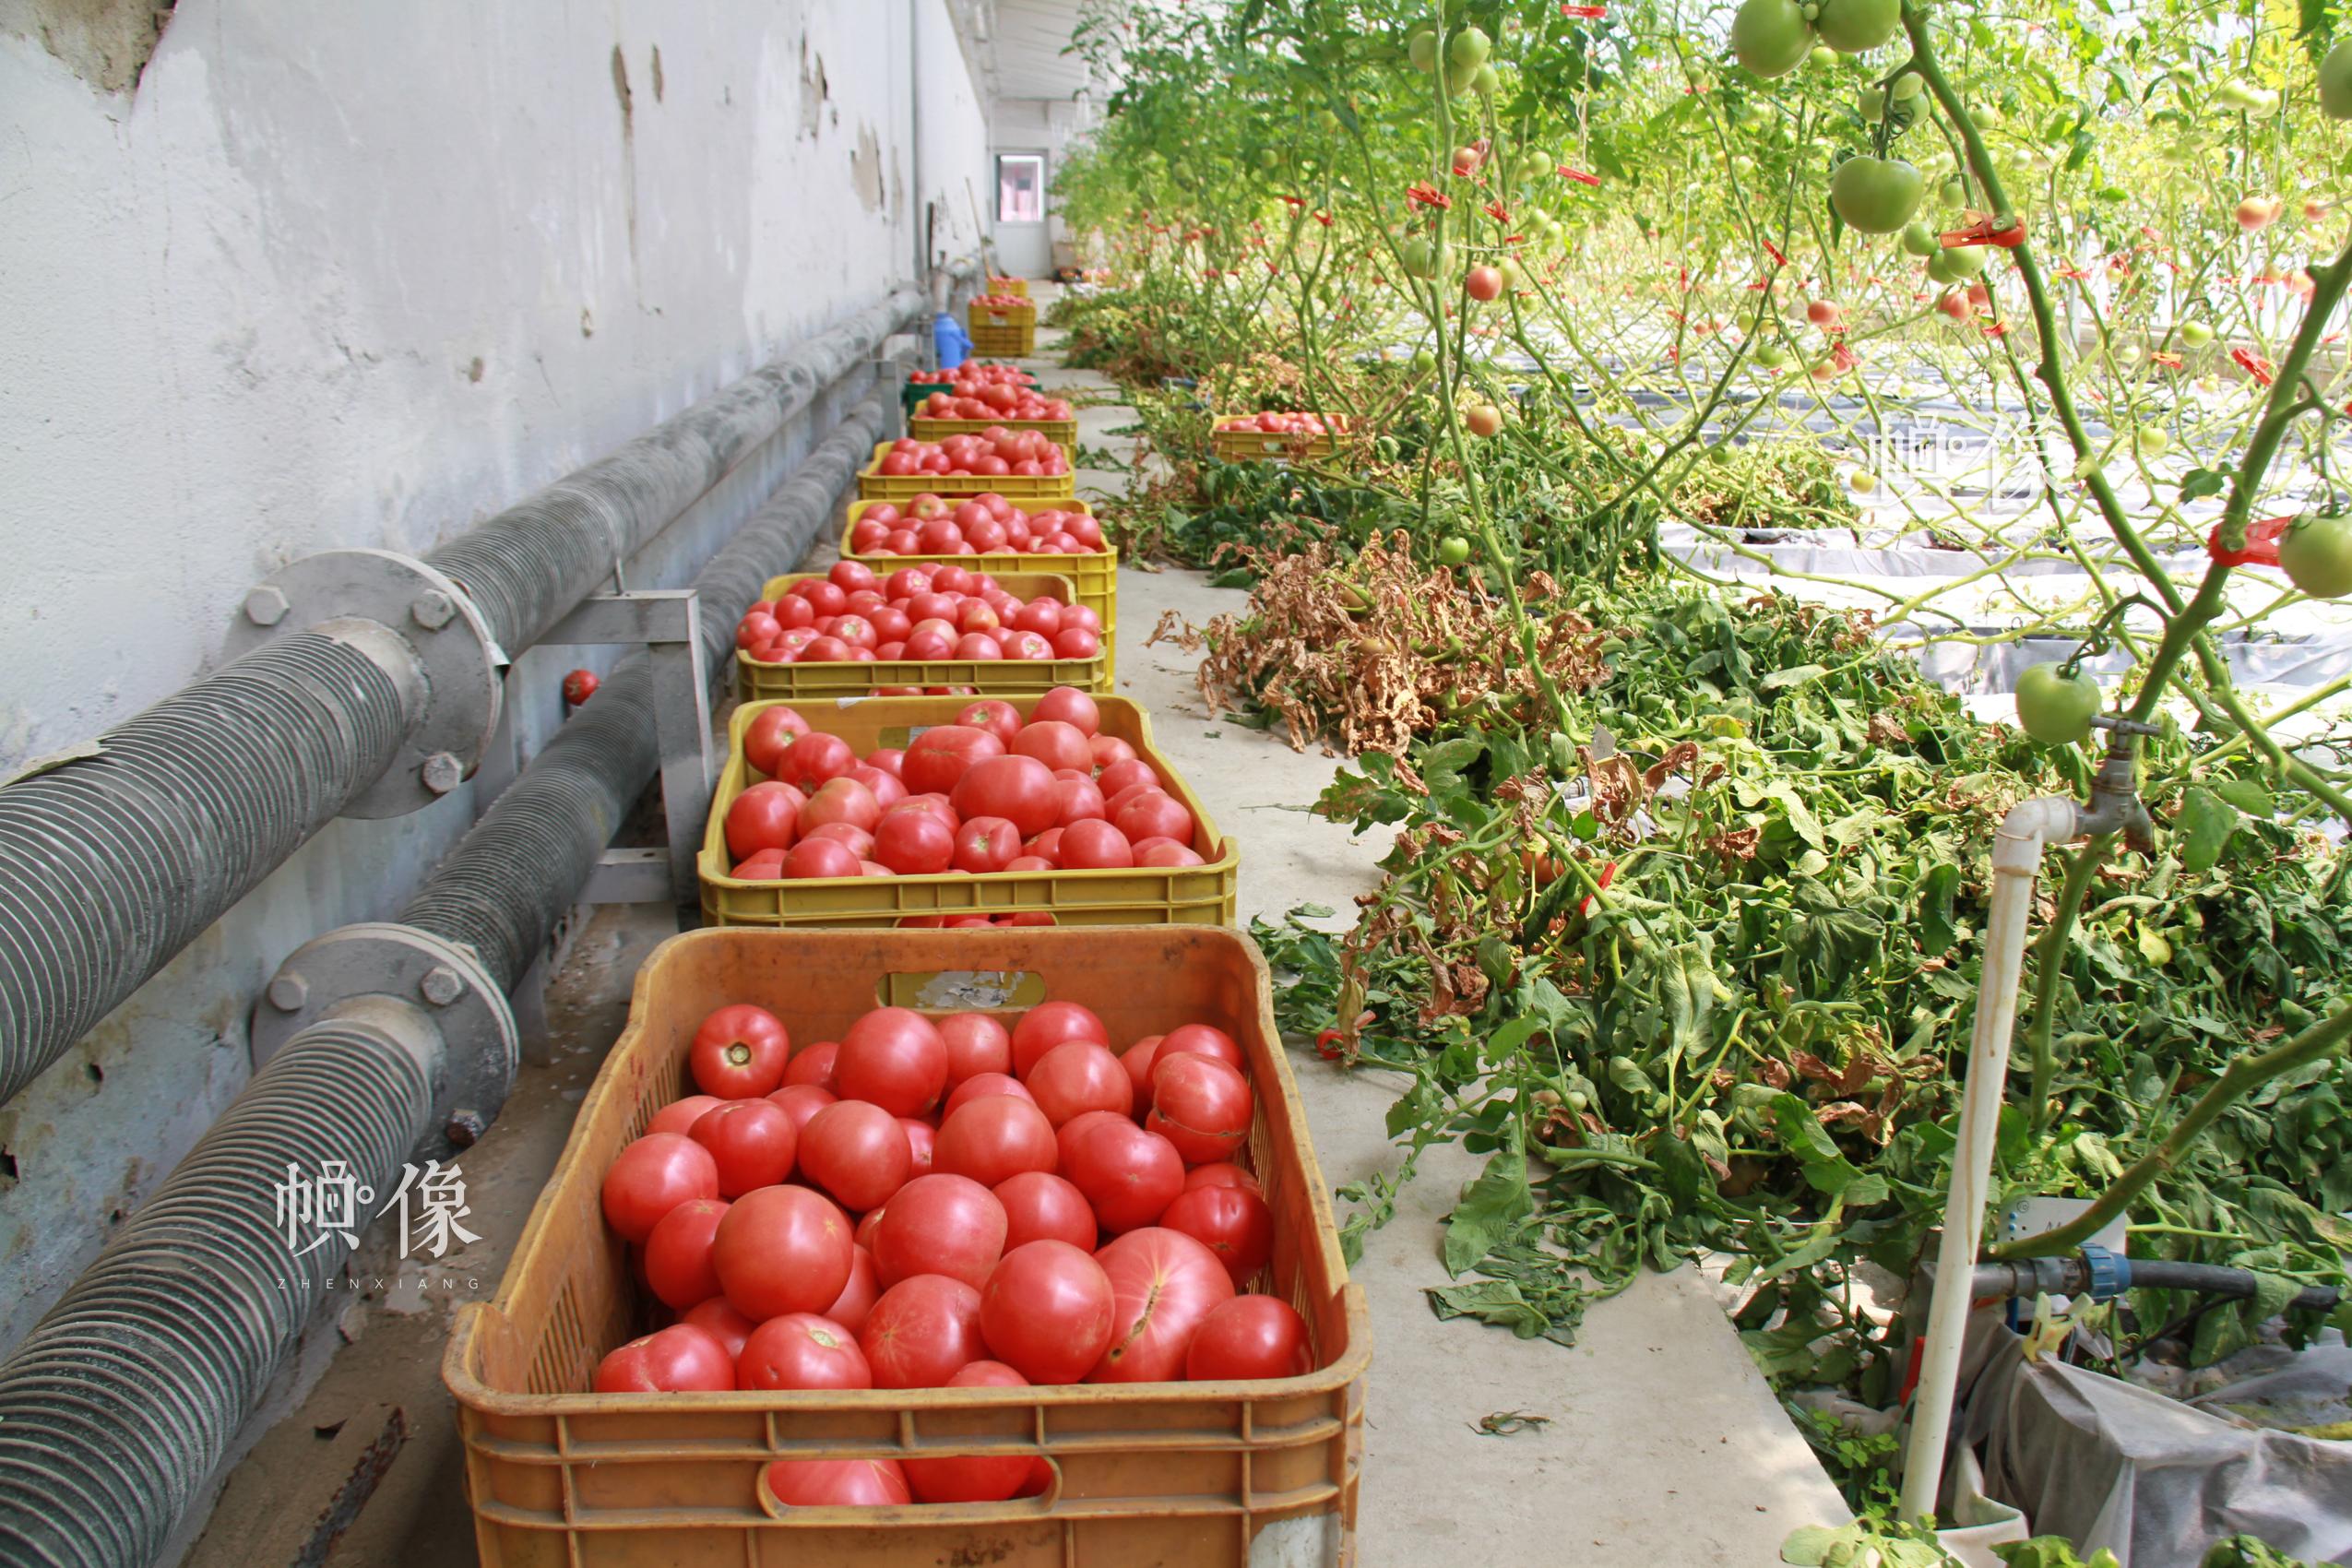 北京天安农业小汤山特菜基地刚摘下的数筐西红柿。中国网记者 赵超 摄